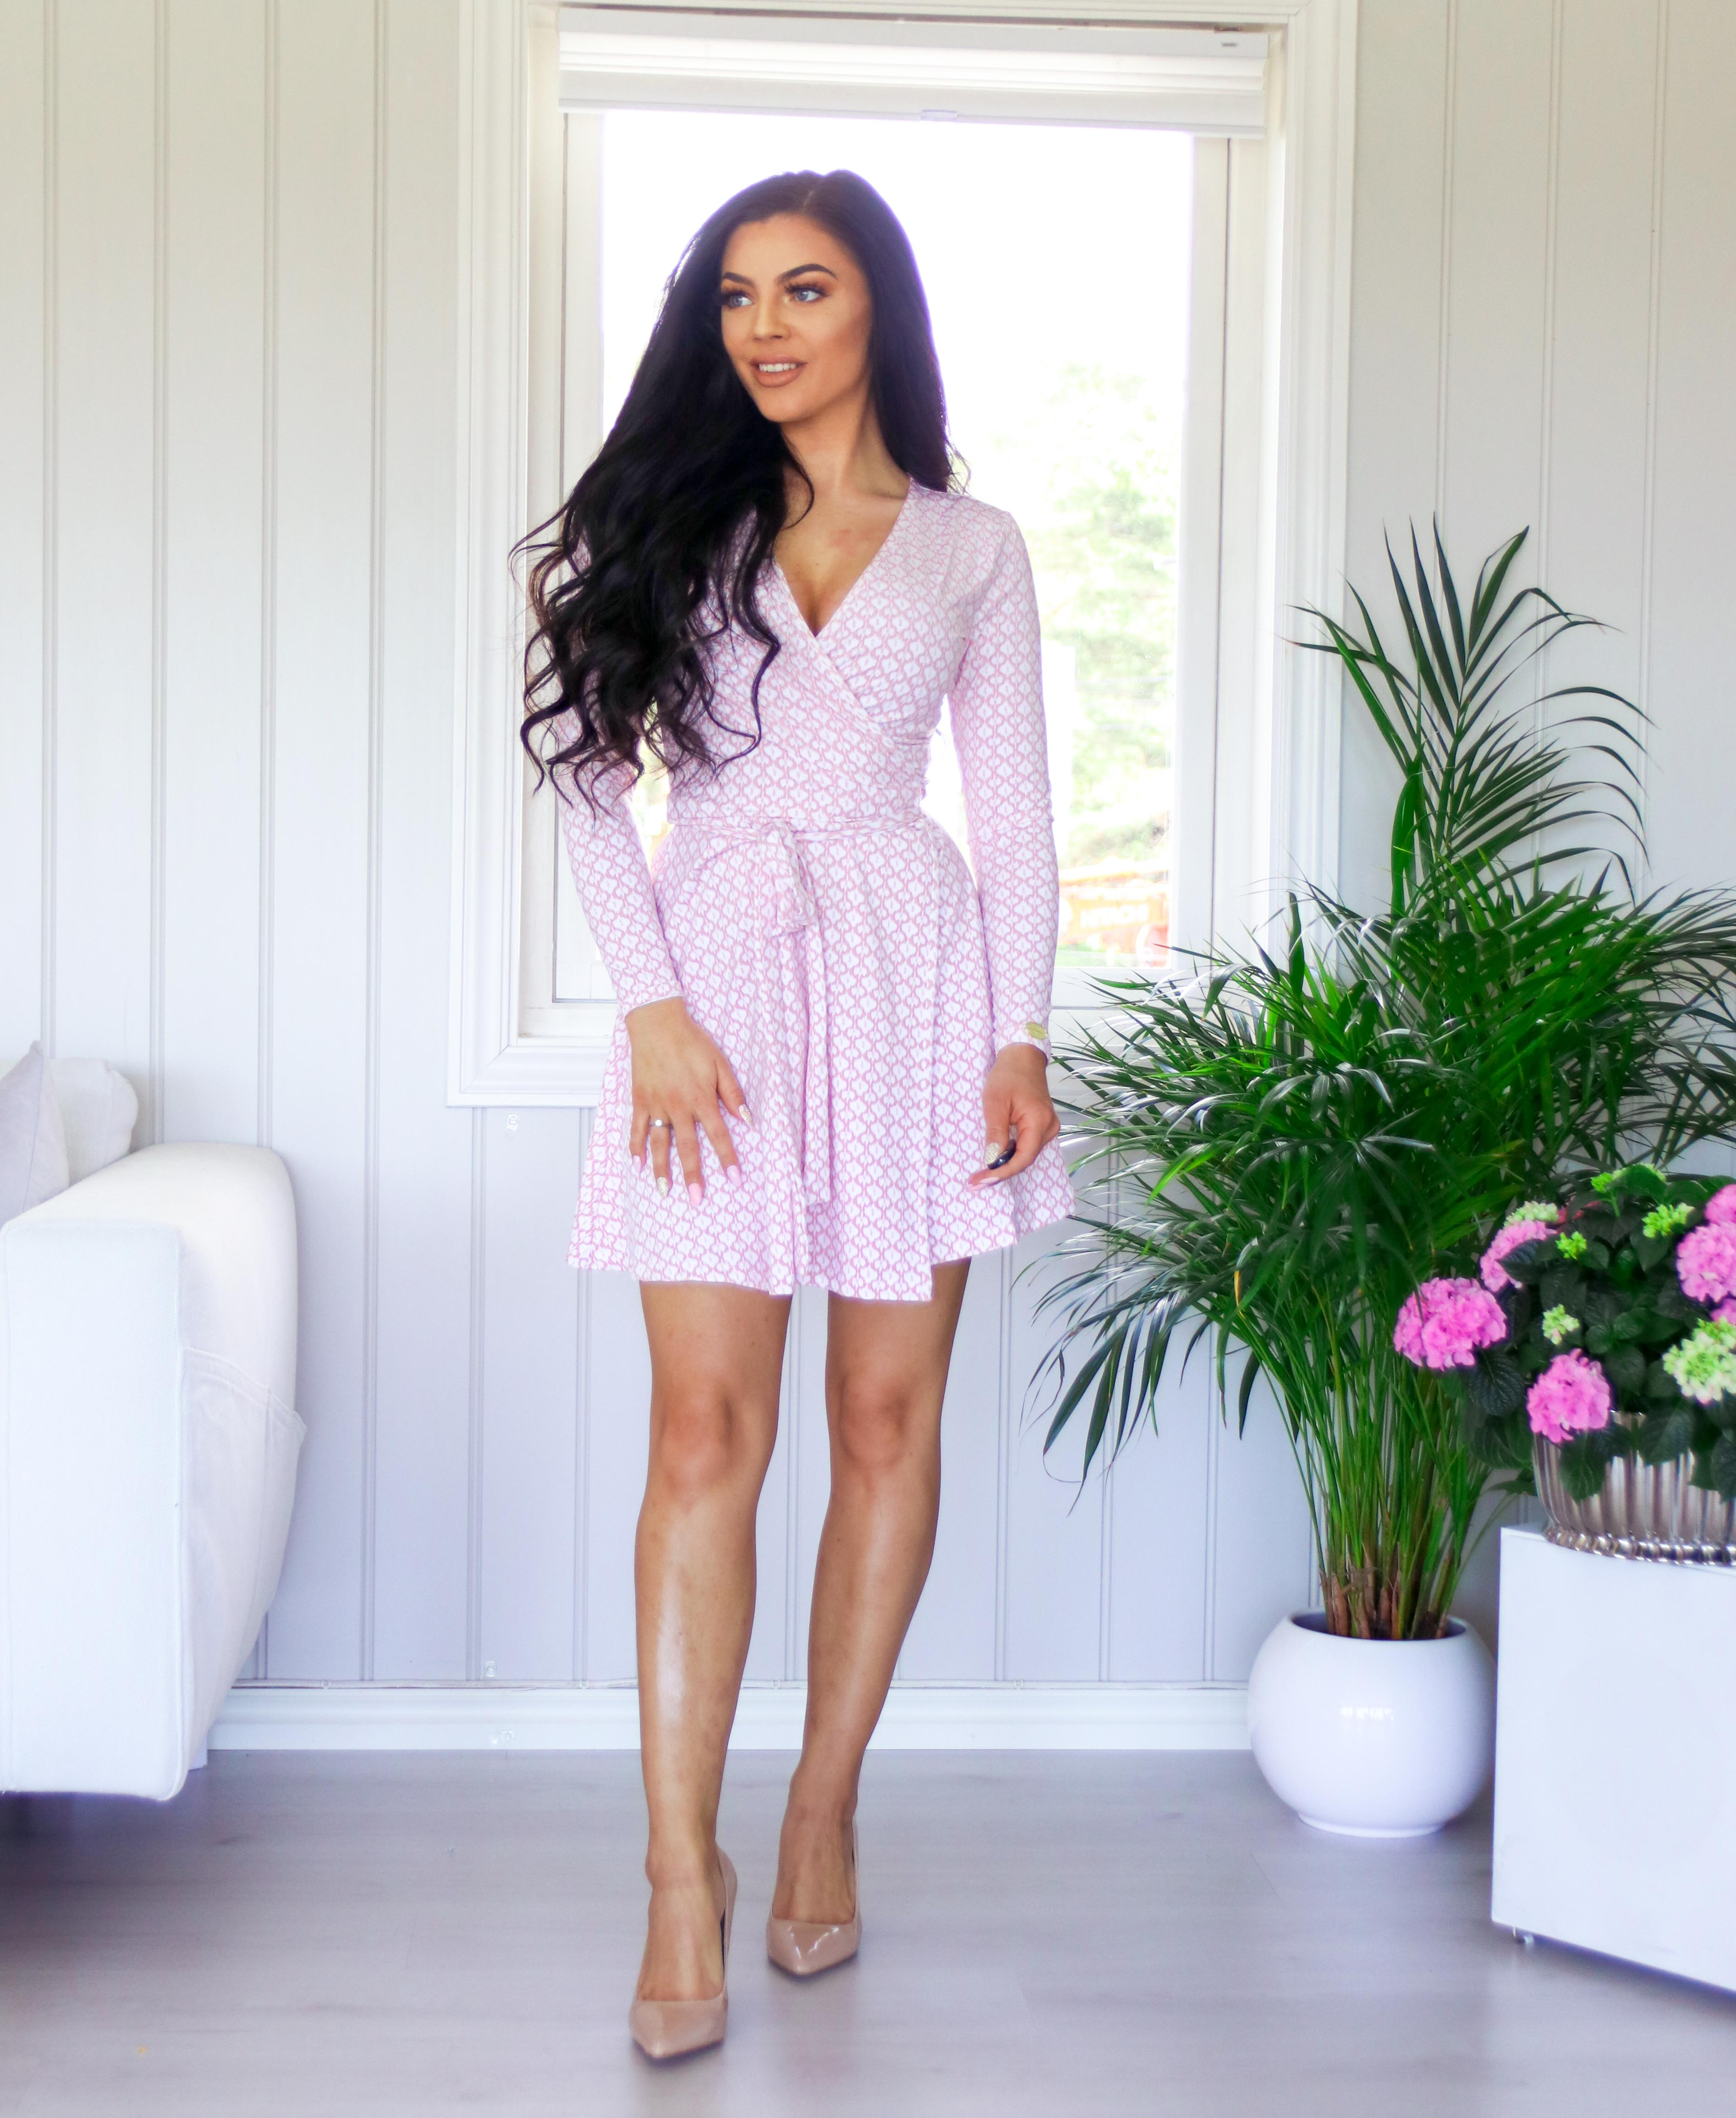 3946e5c5 Denne kjolen har jeg i tre varianter nå (den ene kjøpte jeg i fjor), fordi  den er så fin og behagelig. Perfekt å bruke på våren og sommeren som en  lett ...